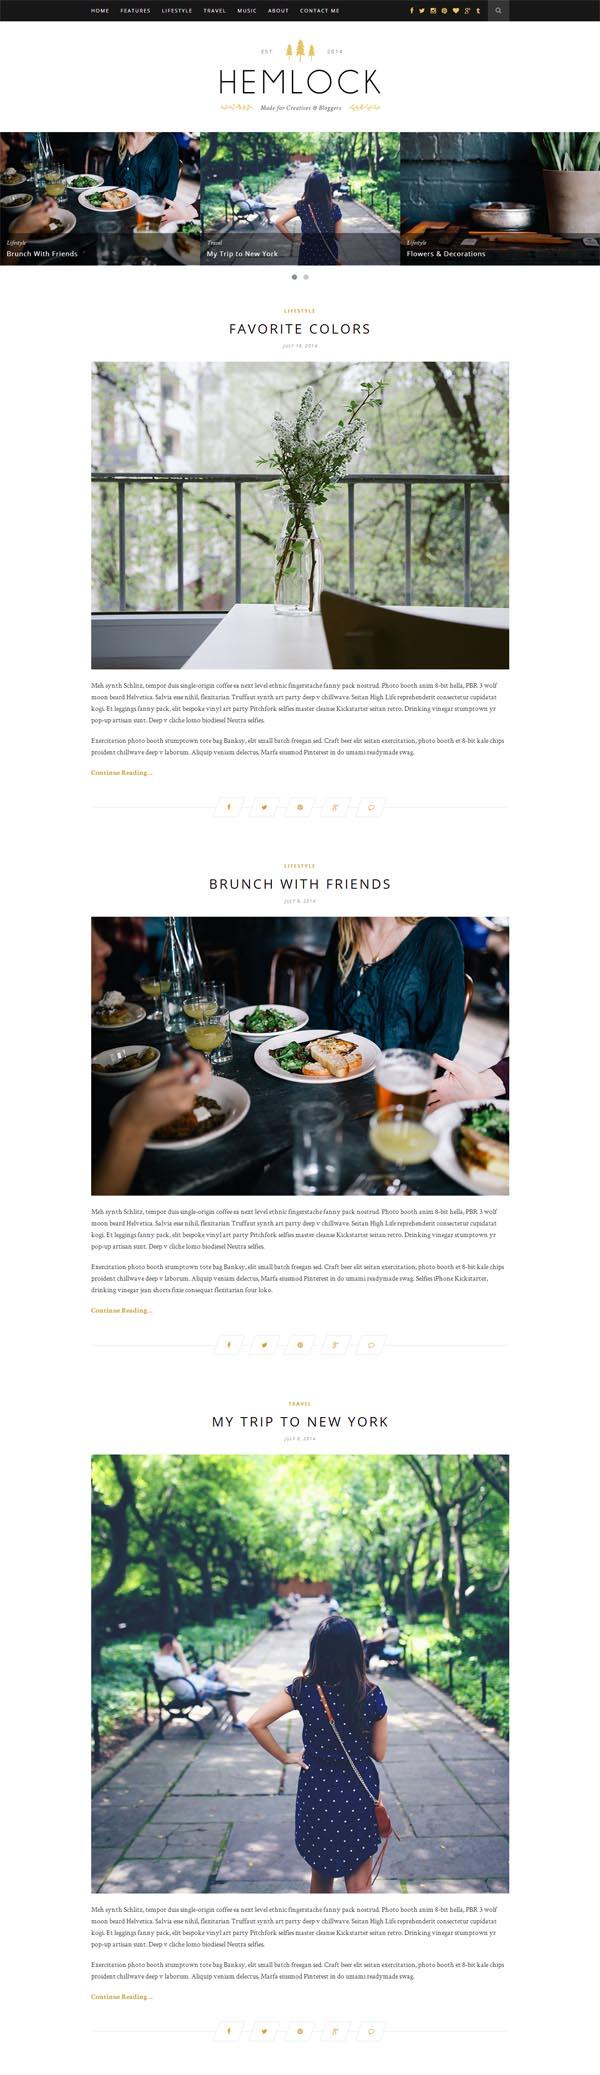 Hemlock – A Responsive WordPress Blog Theme